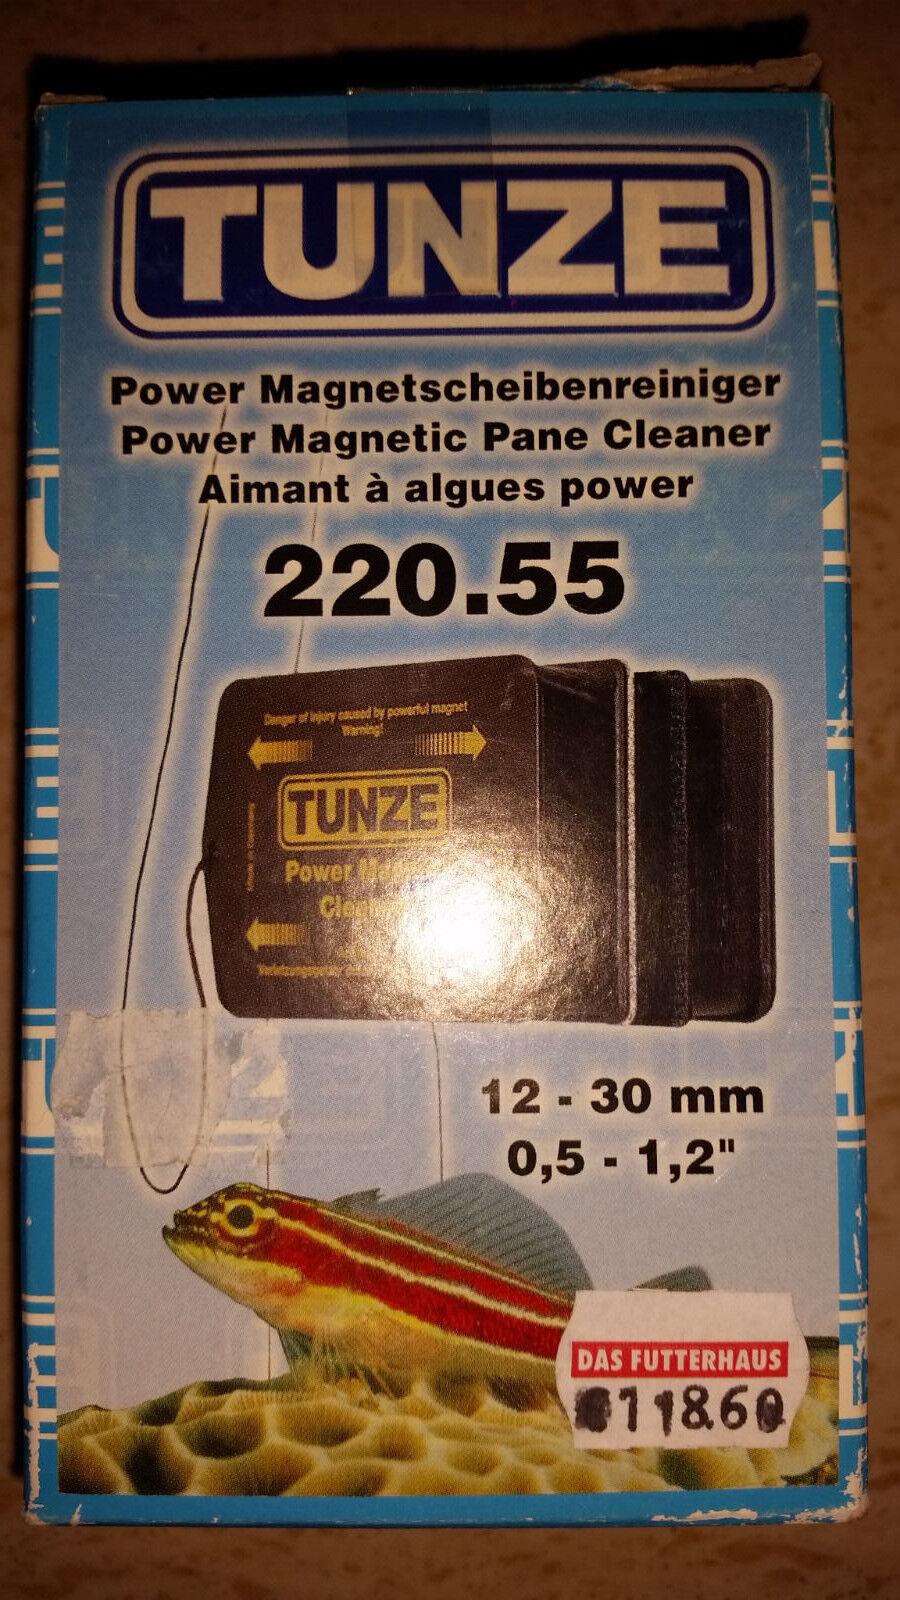 Tunze 220.55  Power Magnetscheibenreiniger  12 - 30 mm